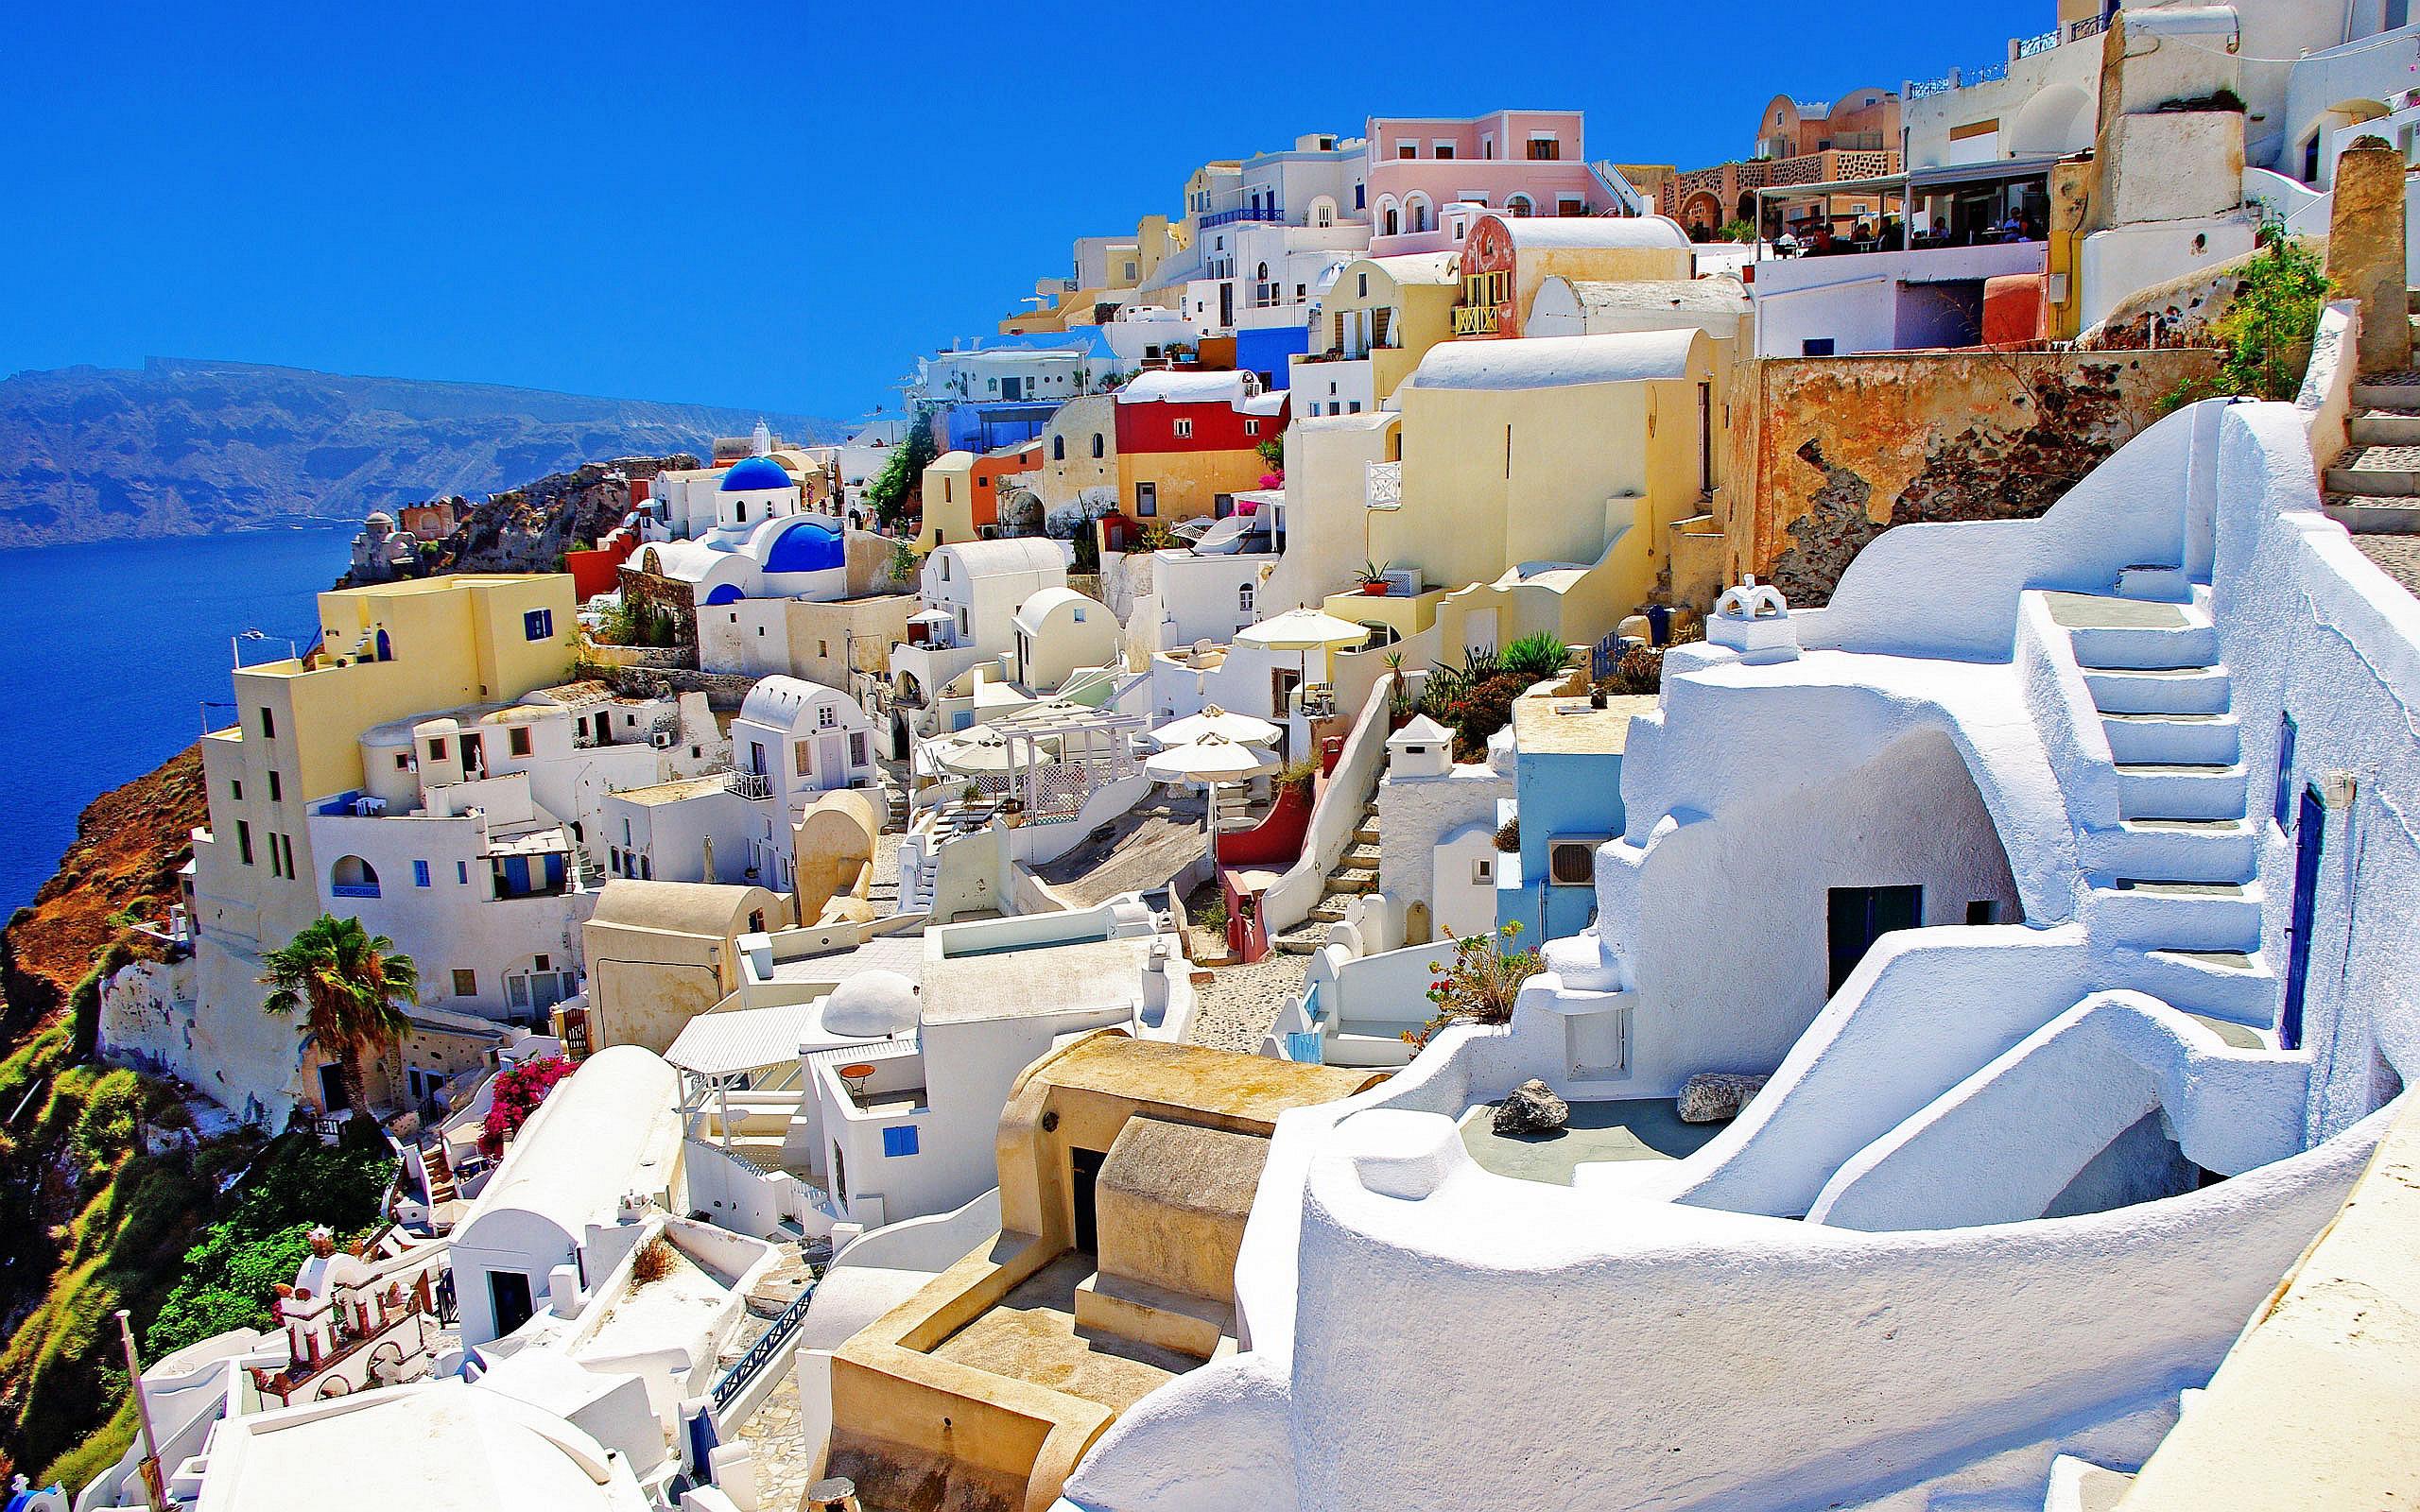 http://www.blogvacanze.com/wp-content/uploads/2013/08/Santorini-Greece-oia.jpg